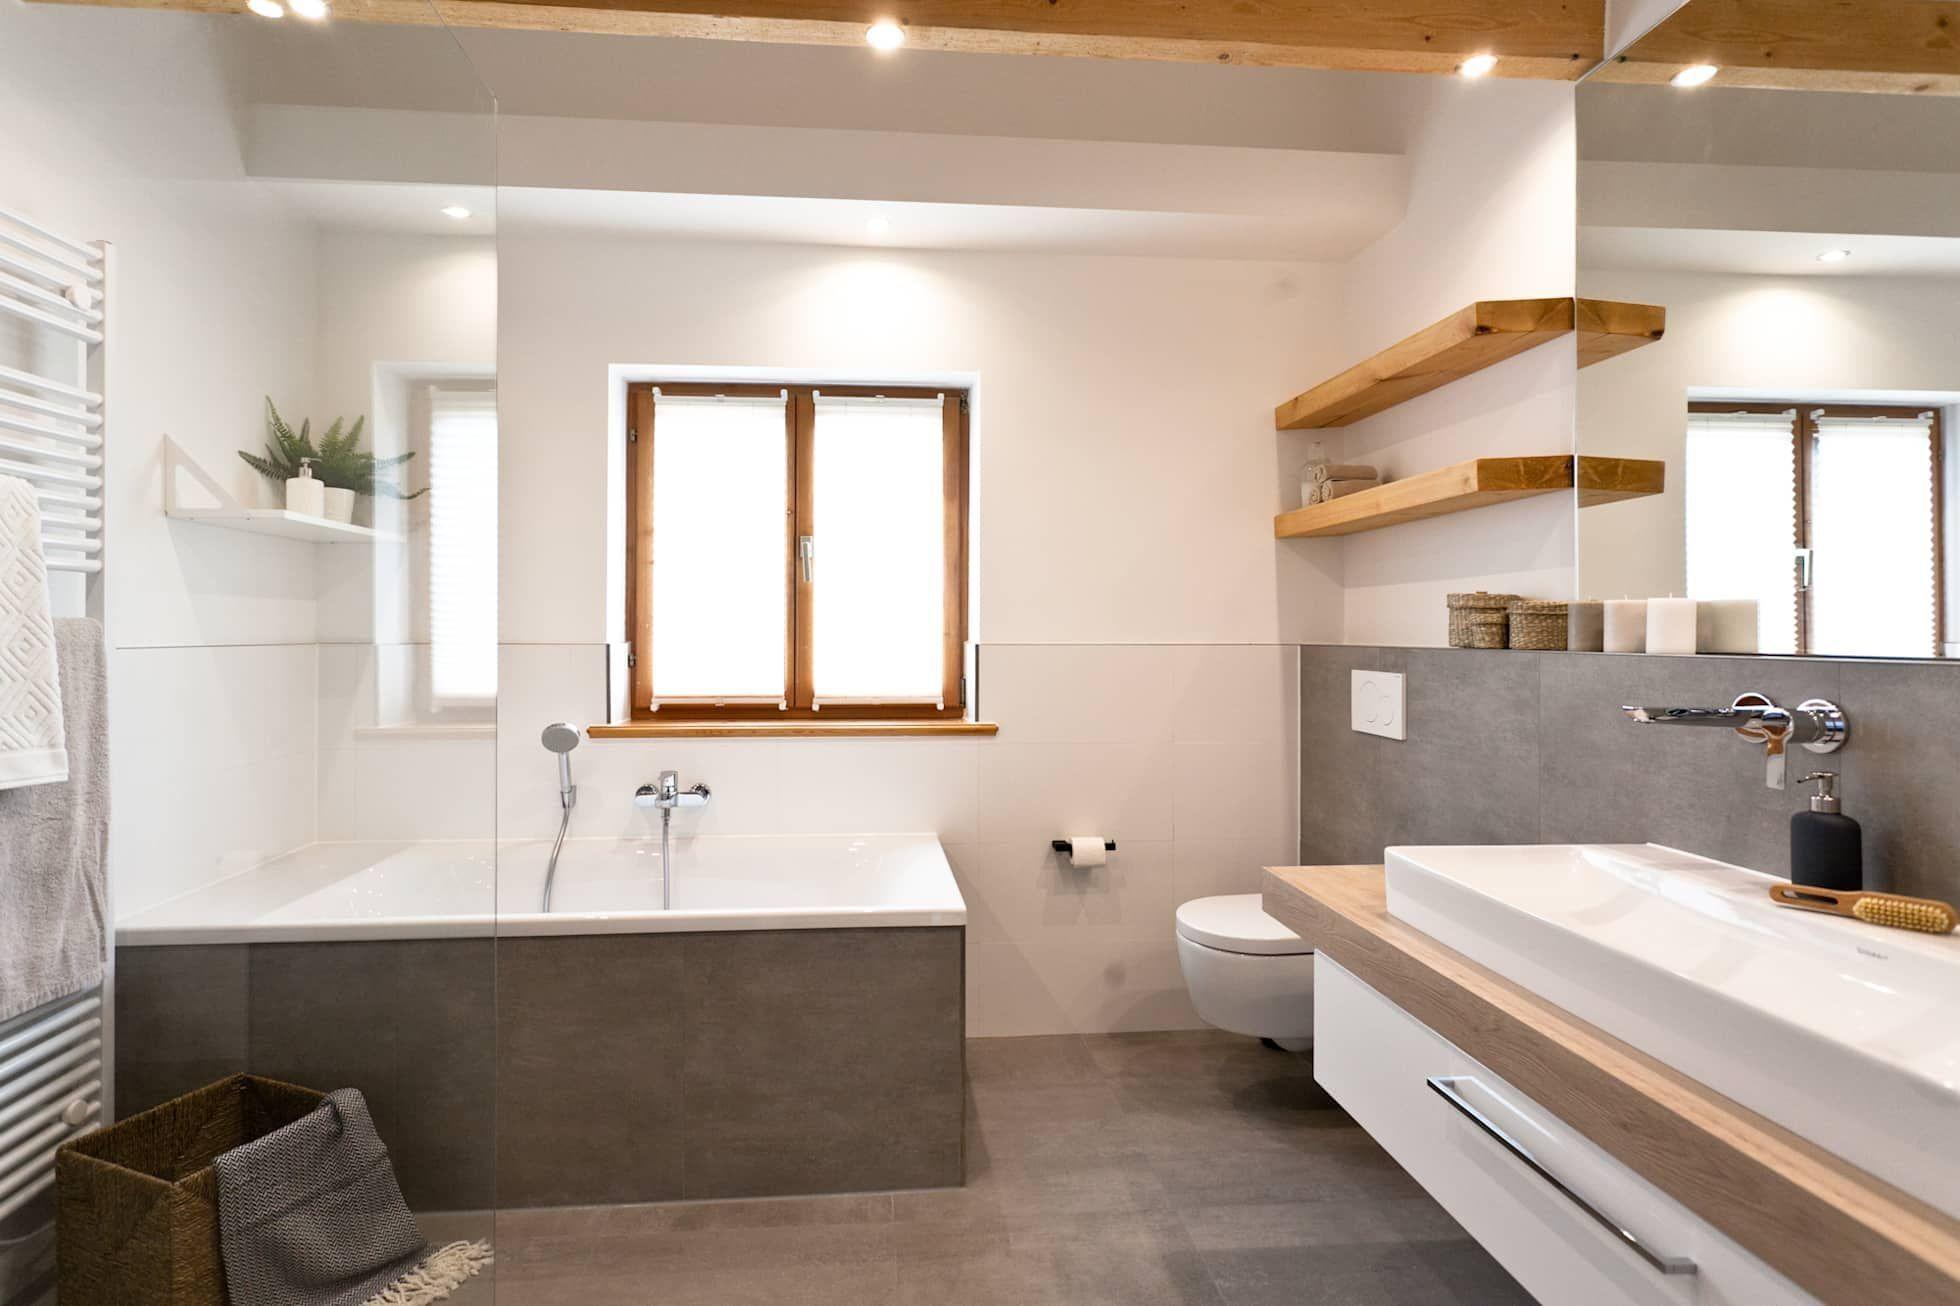 Das Kleine Bad 3d Planung Vogelperspektive 5 Qm Nischendusche Toilette Uber Eck In 2020 Toilette Bad Walk In Dusche